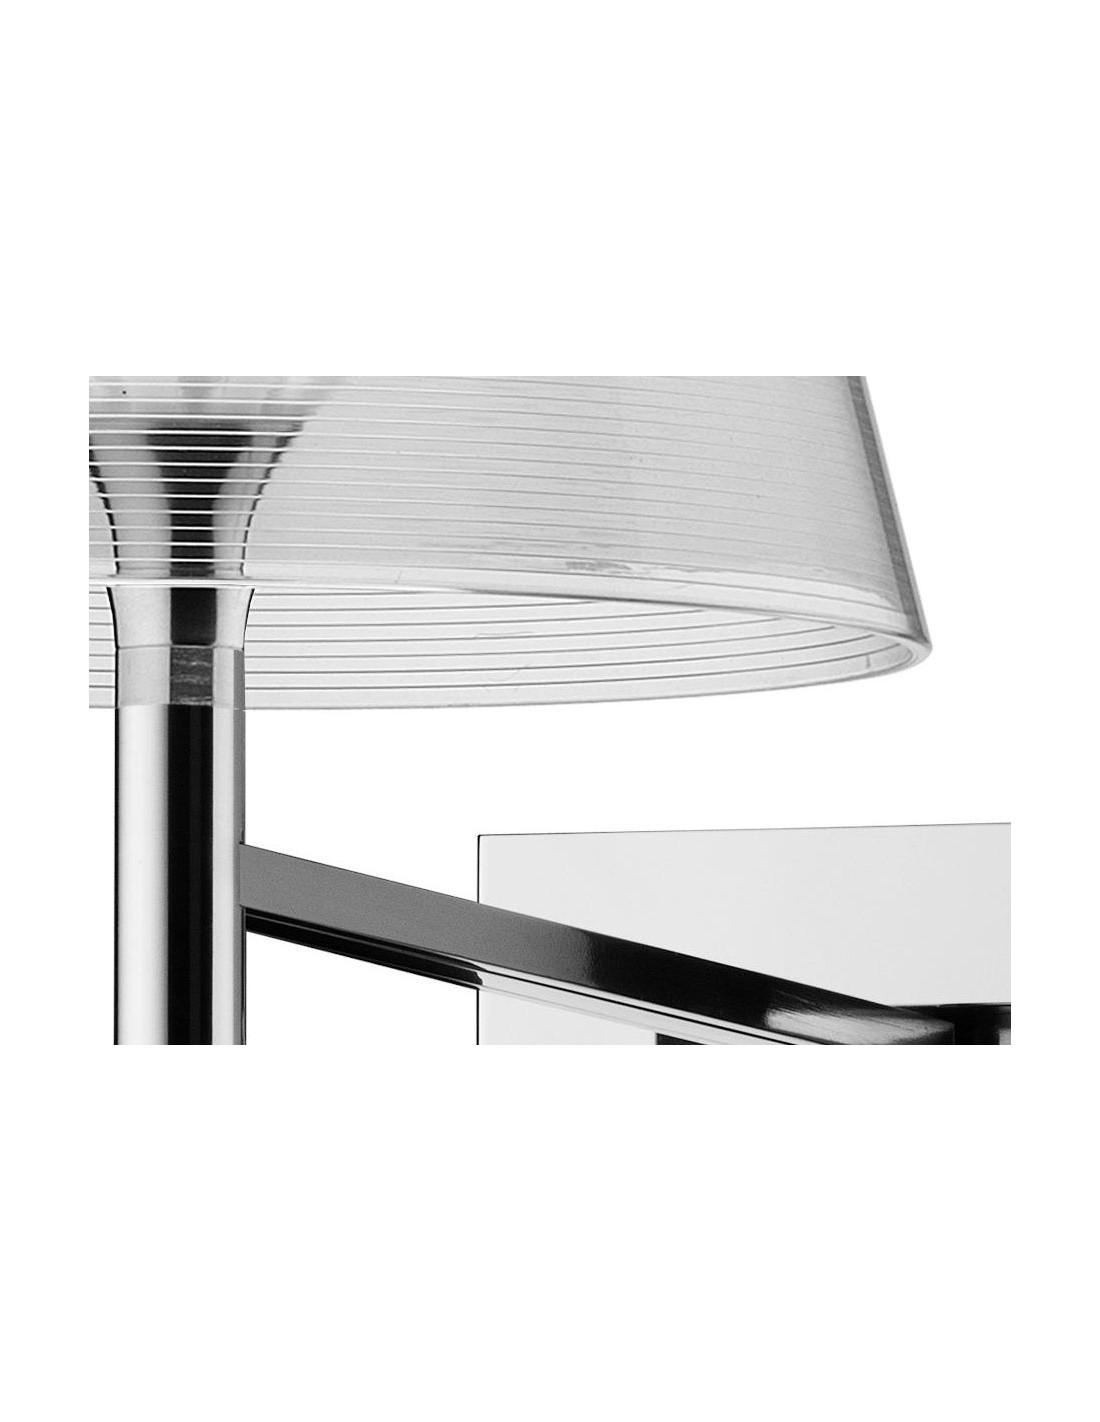 applique ktribe w. Black Bedroom Furniture Sets. Home Design Ideas